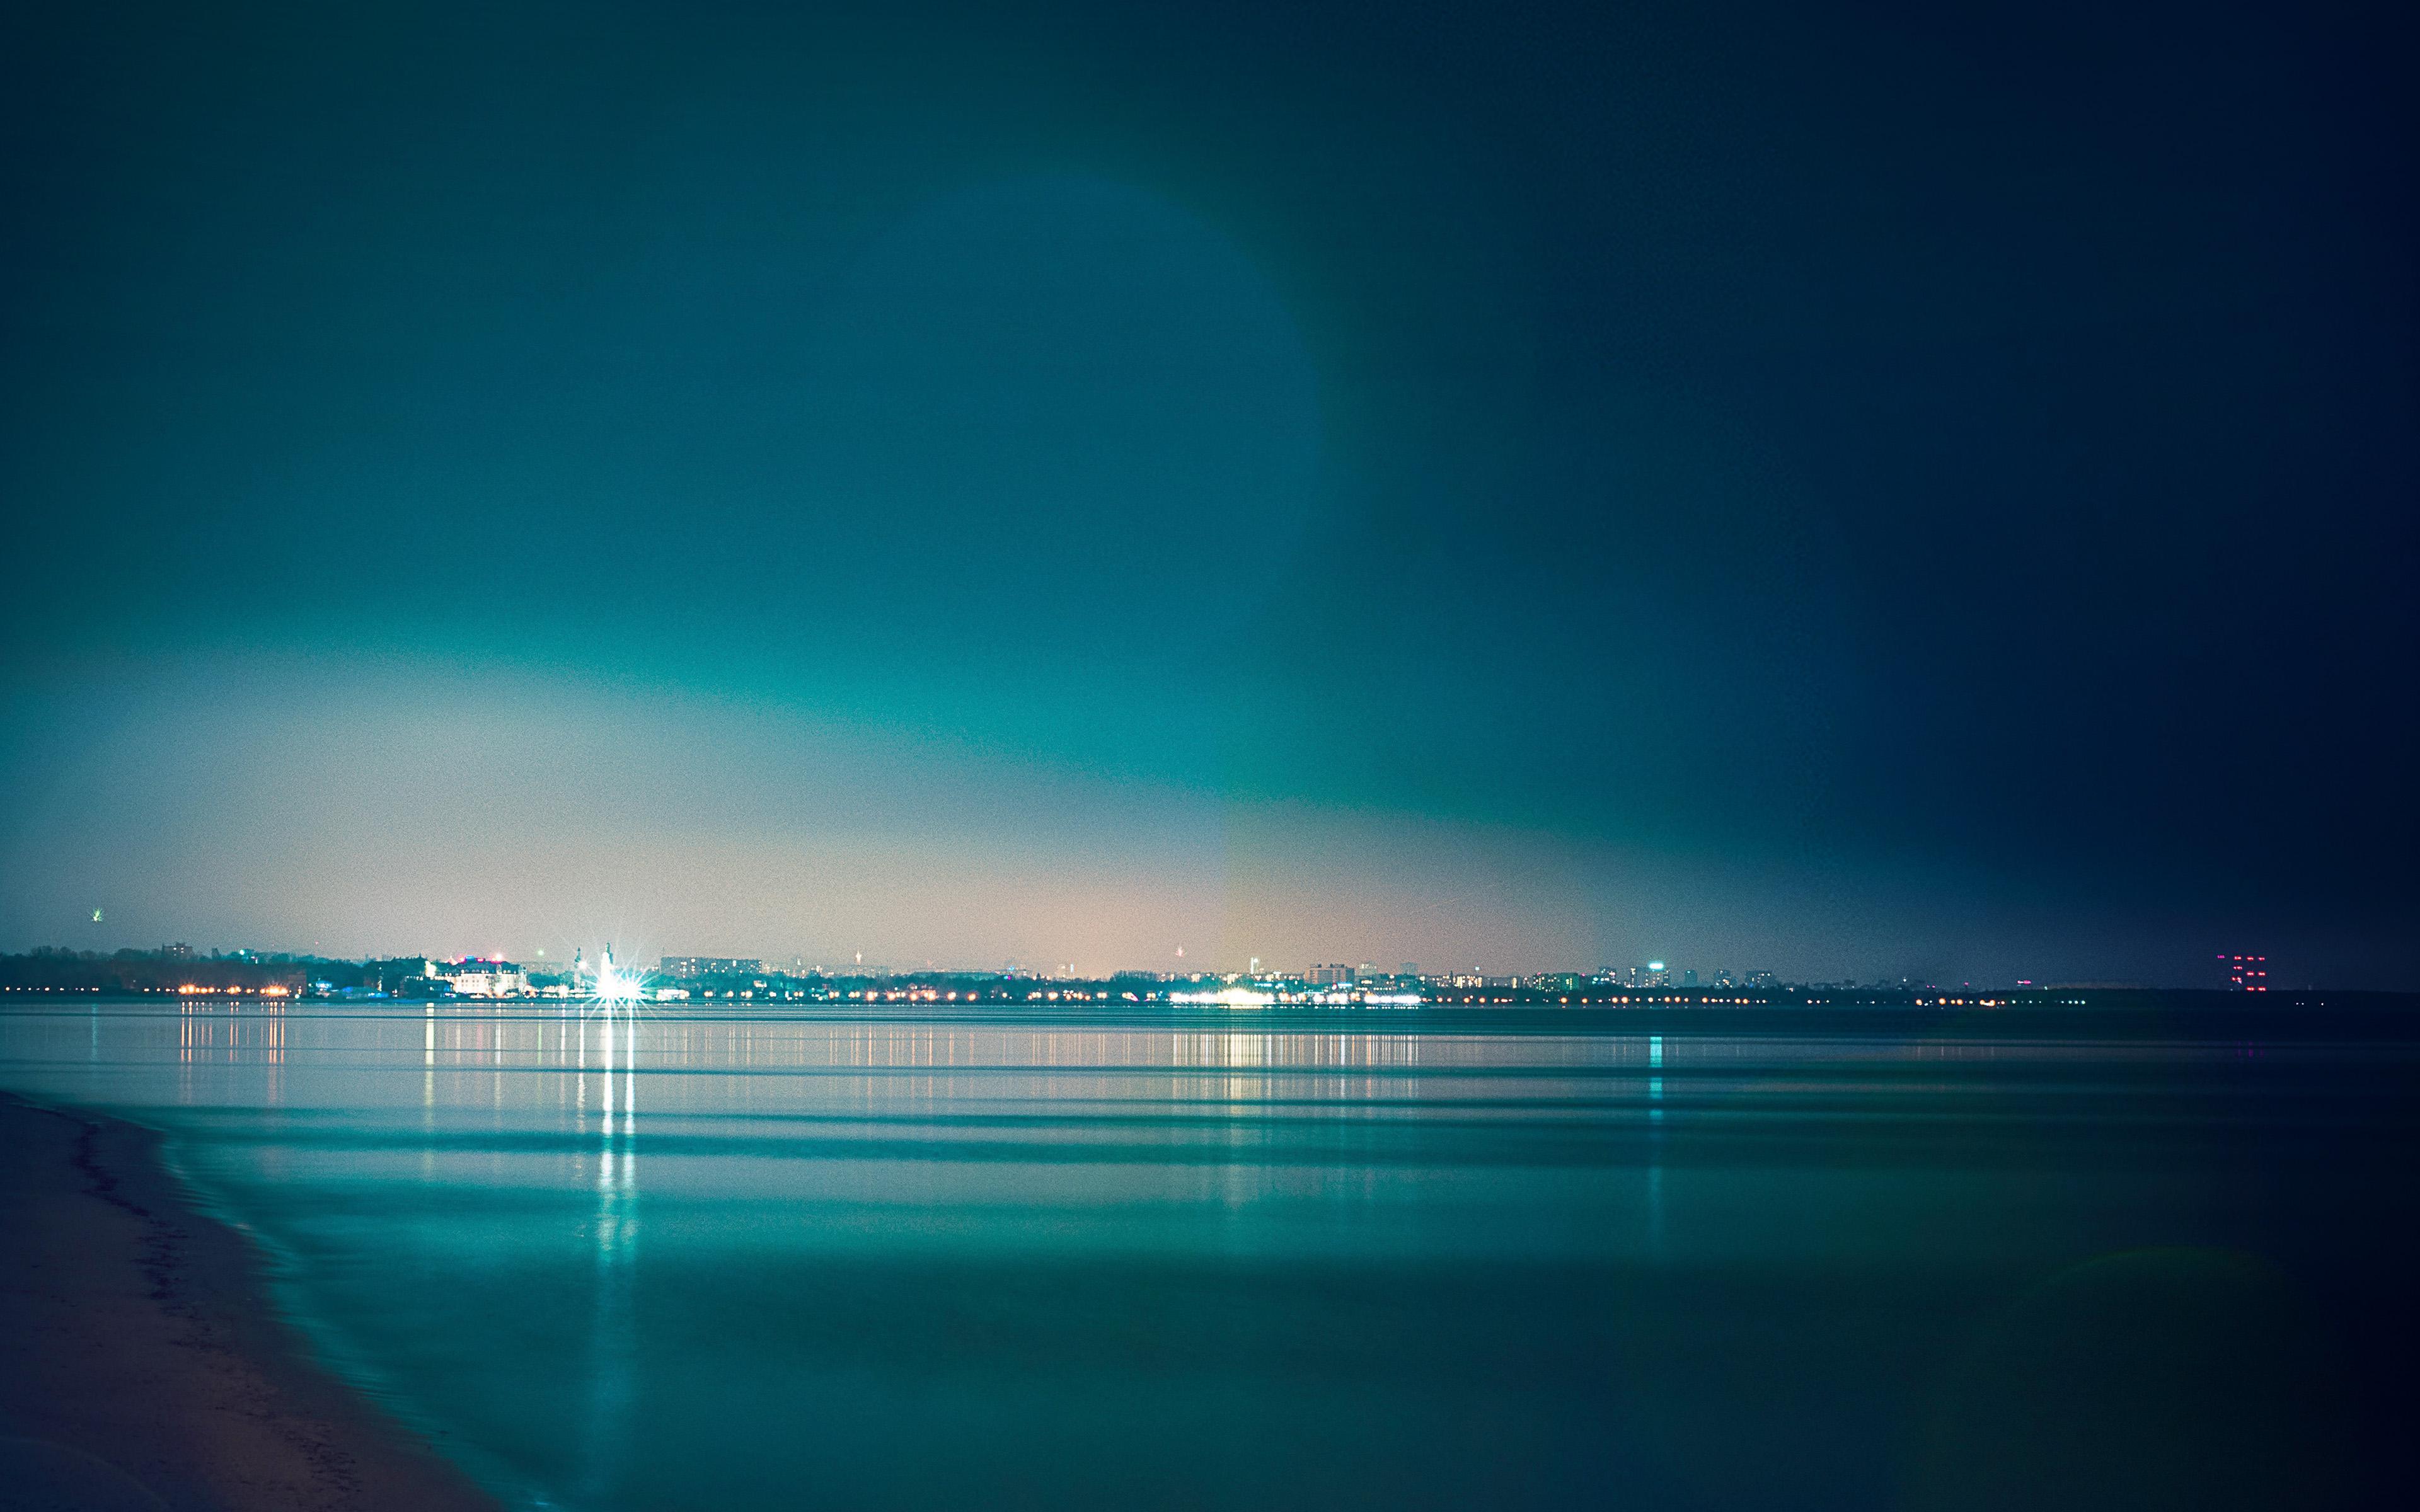 mw57-lake-city-view-night-dark-nature ...